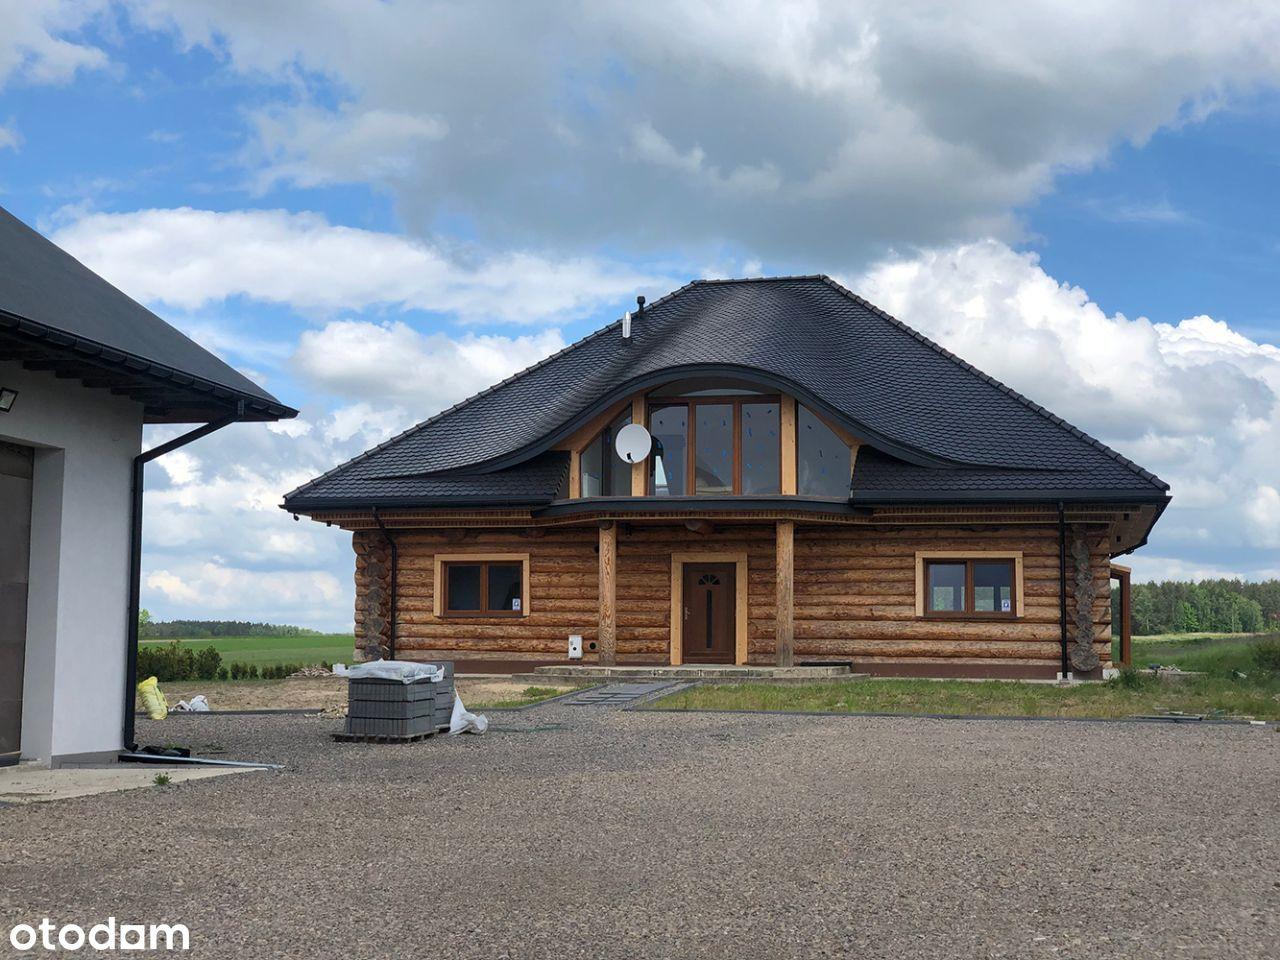 Dom drewniany z bali z halą i działką